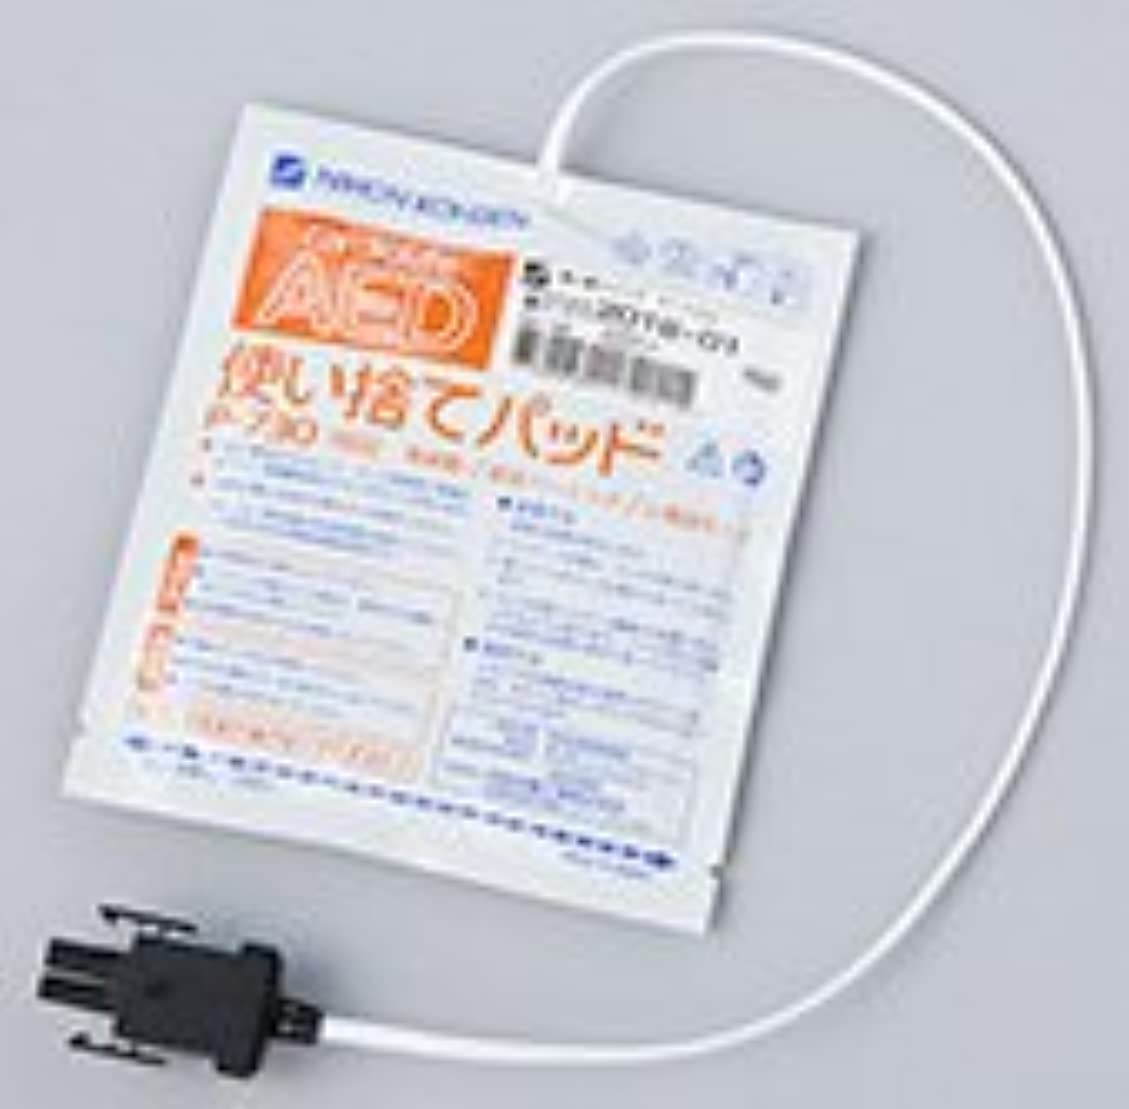 藤色リス半導体日本光電 AED-2100 AED-2150 共通 使い捨てパッド P-730 【1枚組】